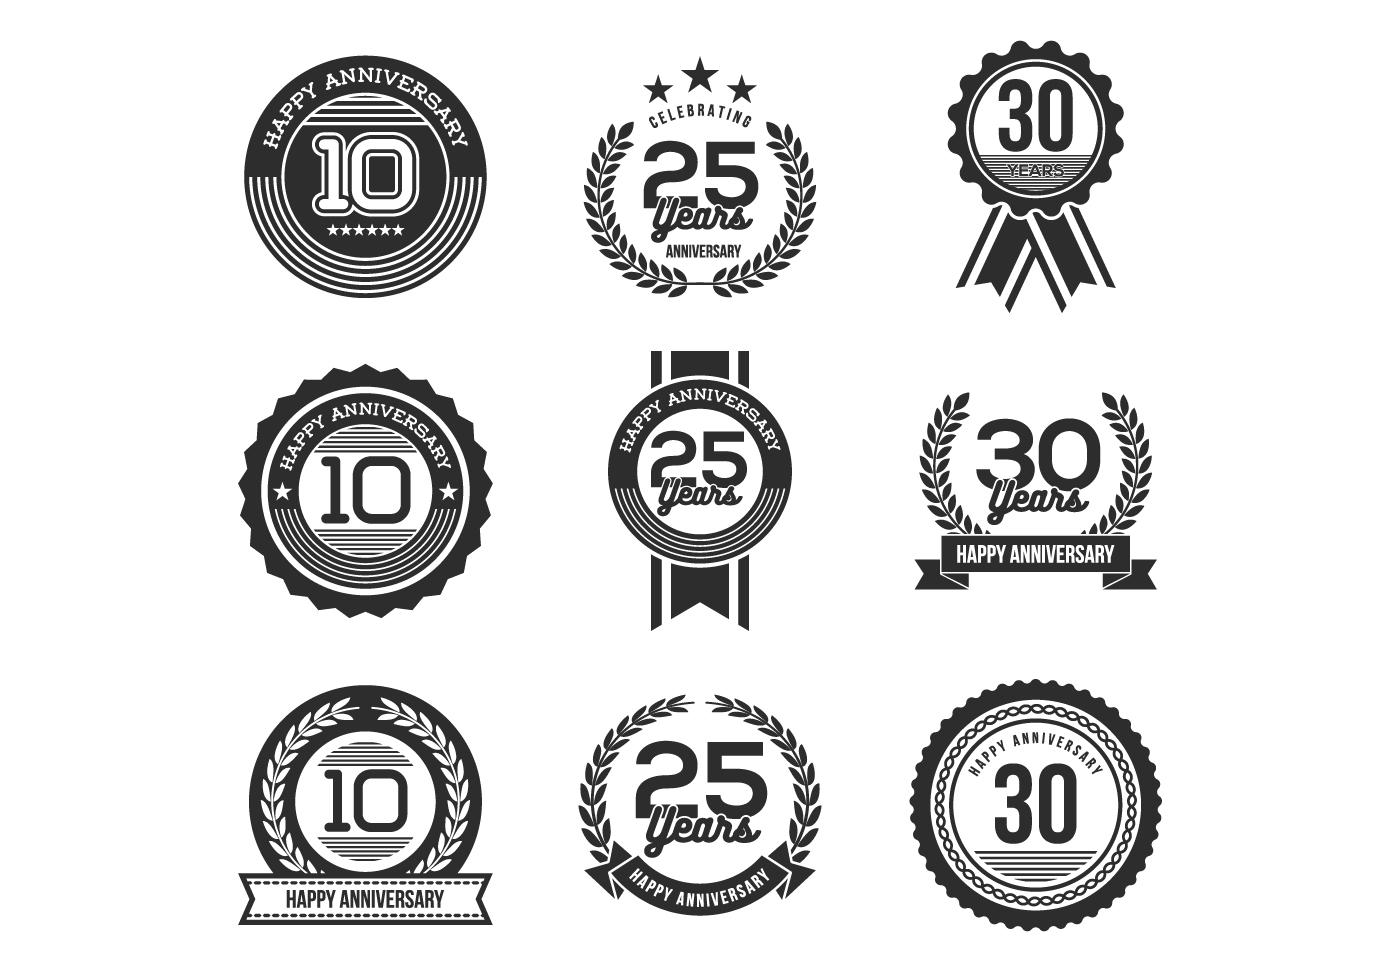 Free Anniversary Badges Vectors